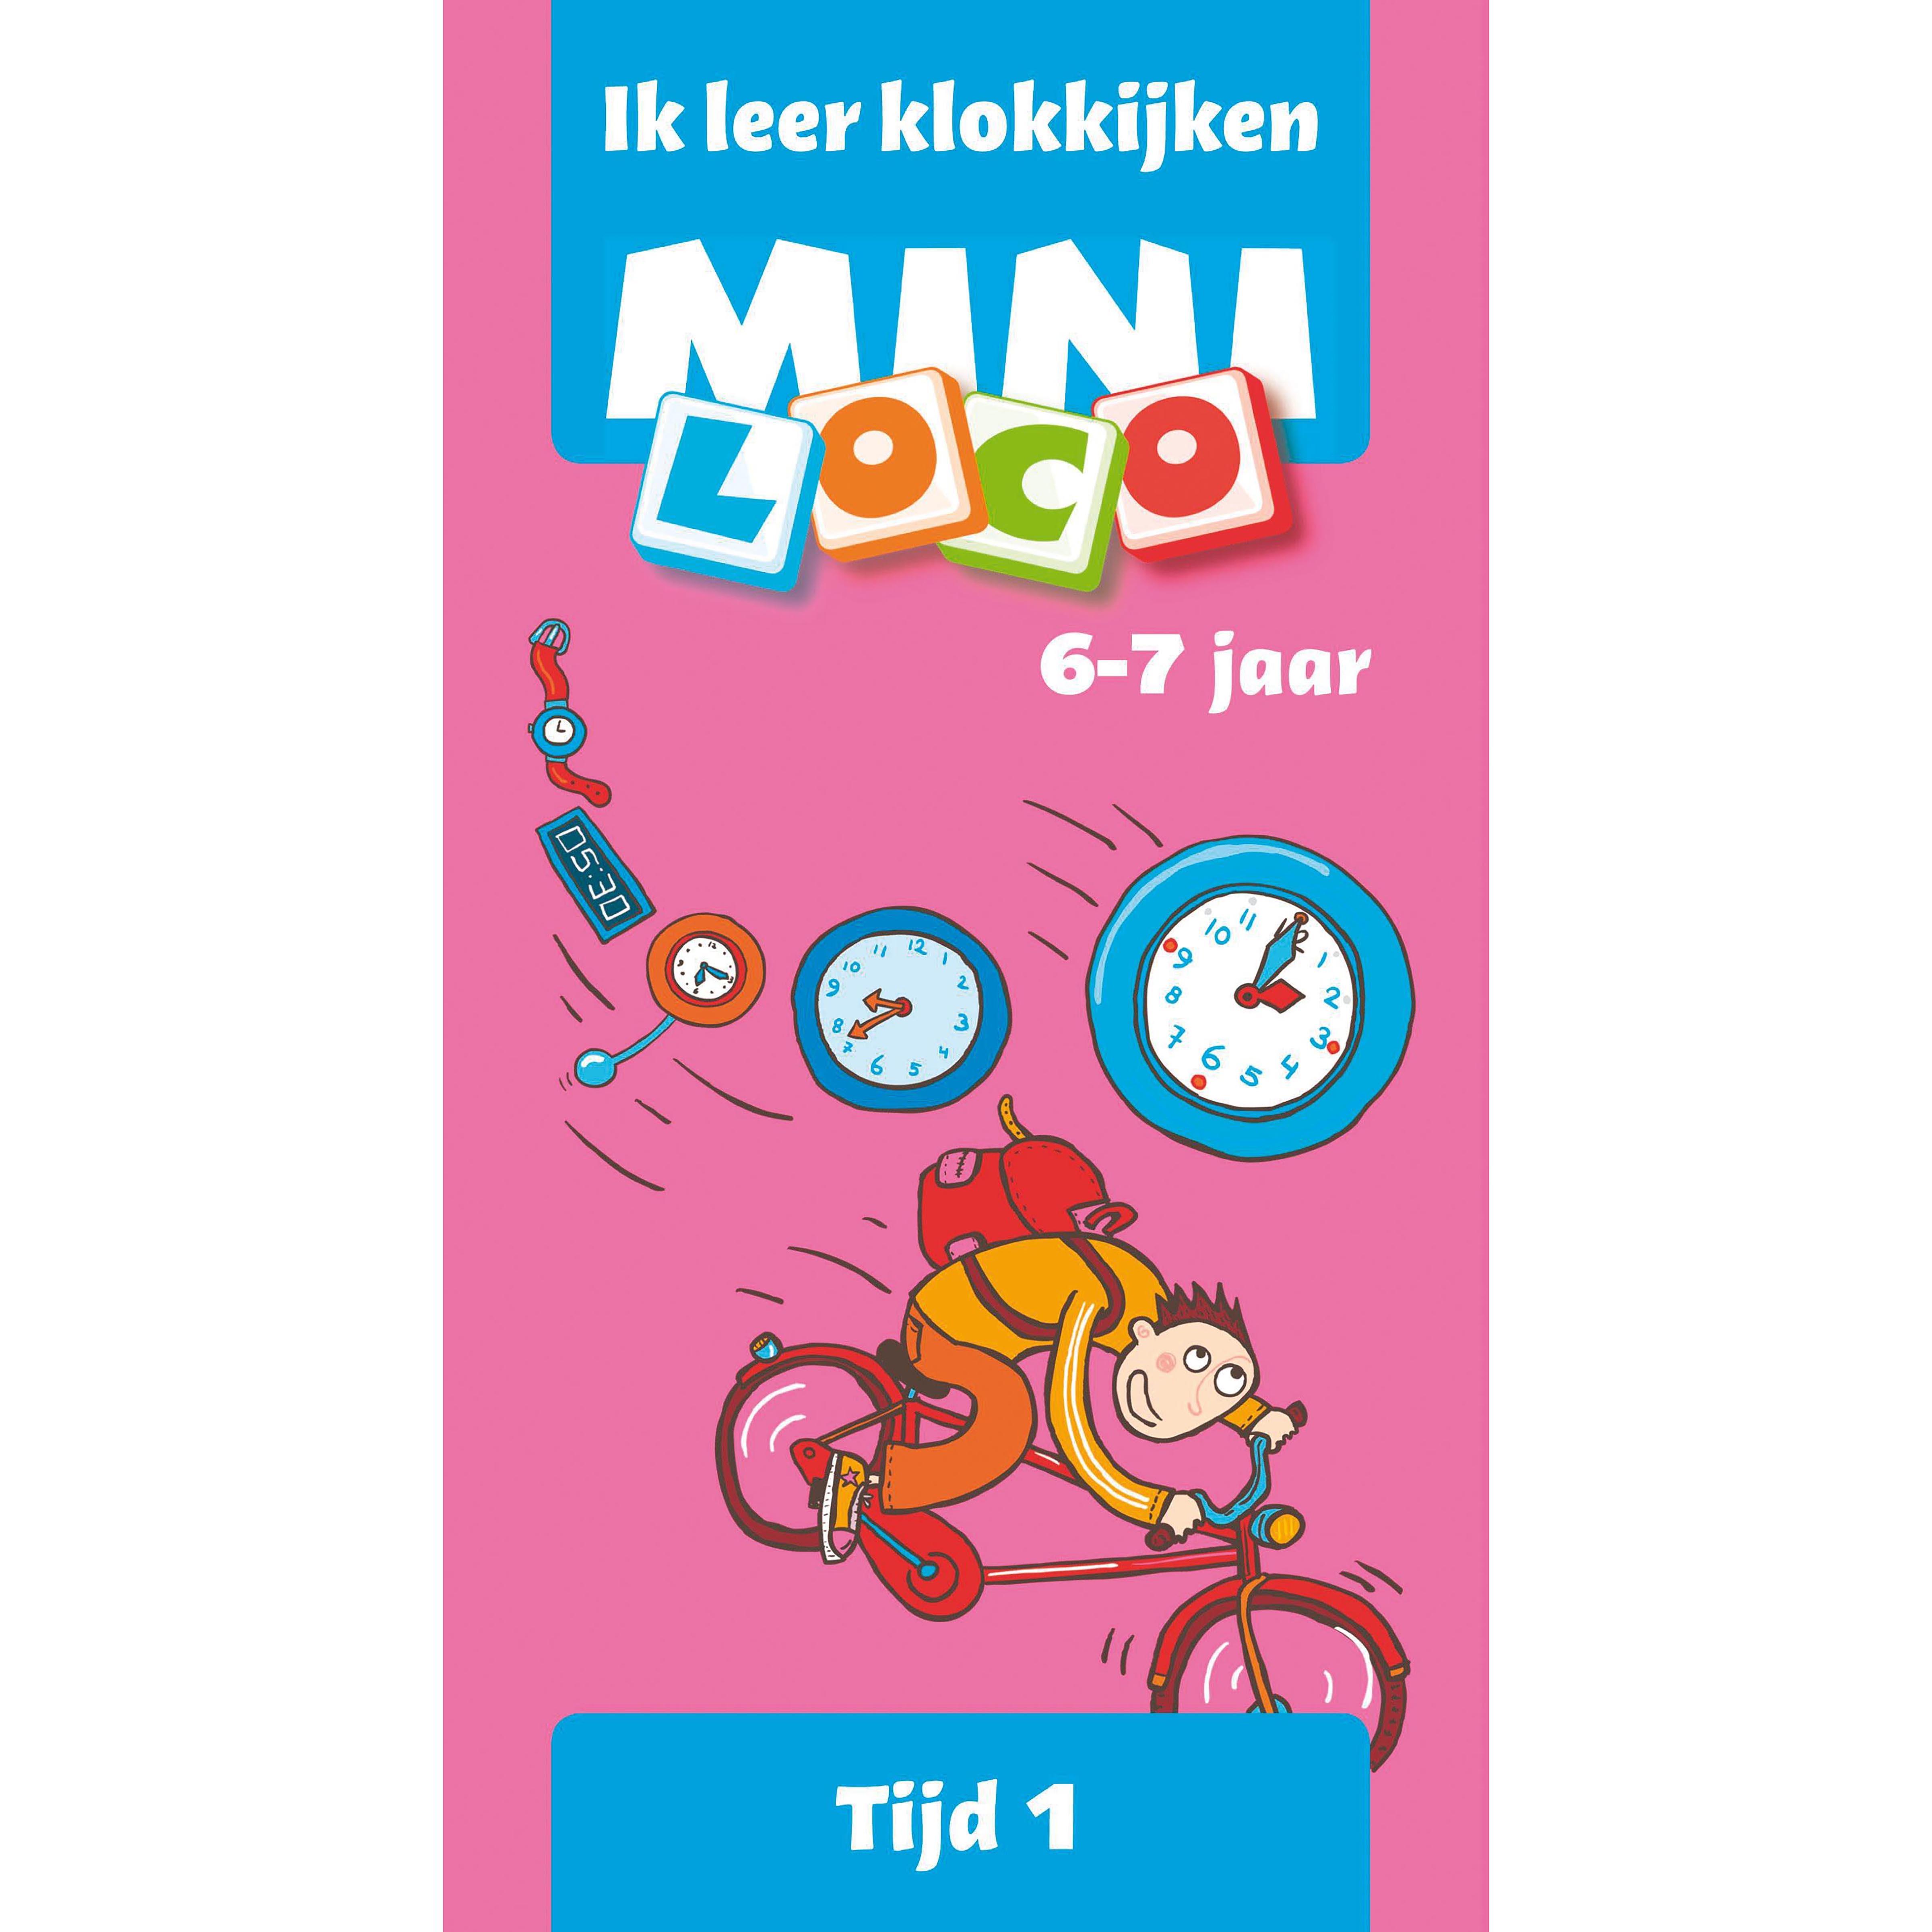 Mini loco Ik leer klokkijken groep 3